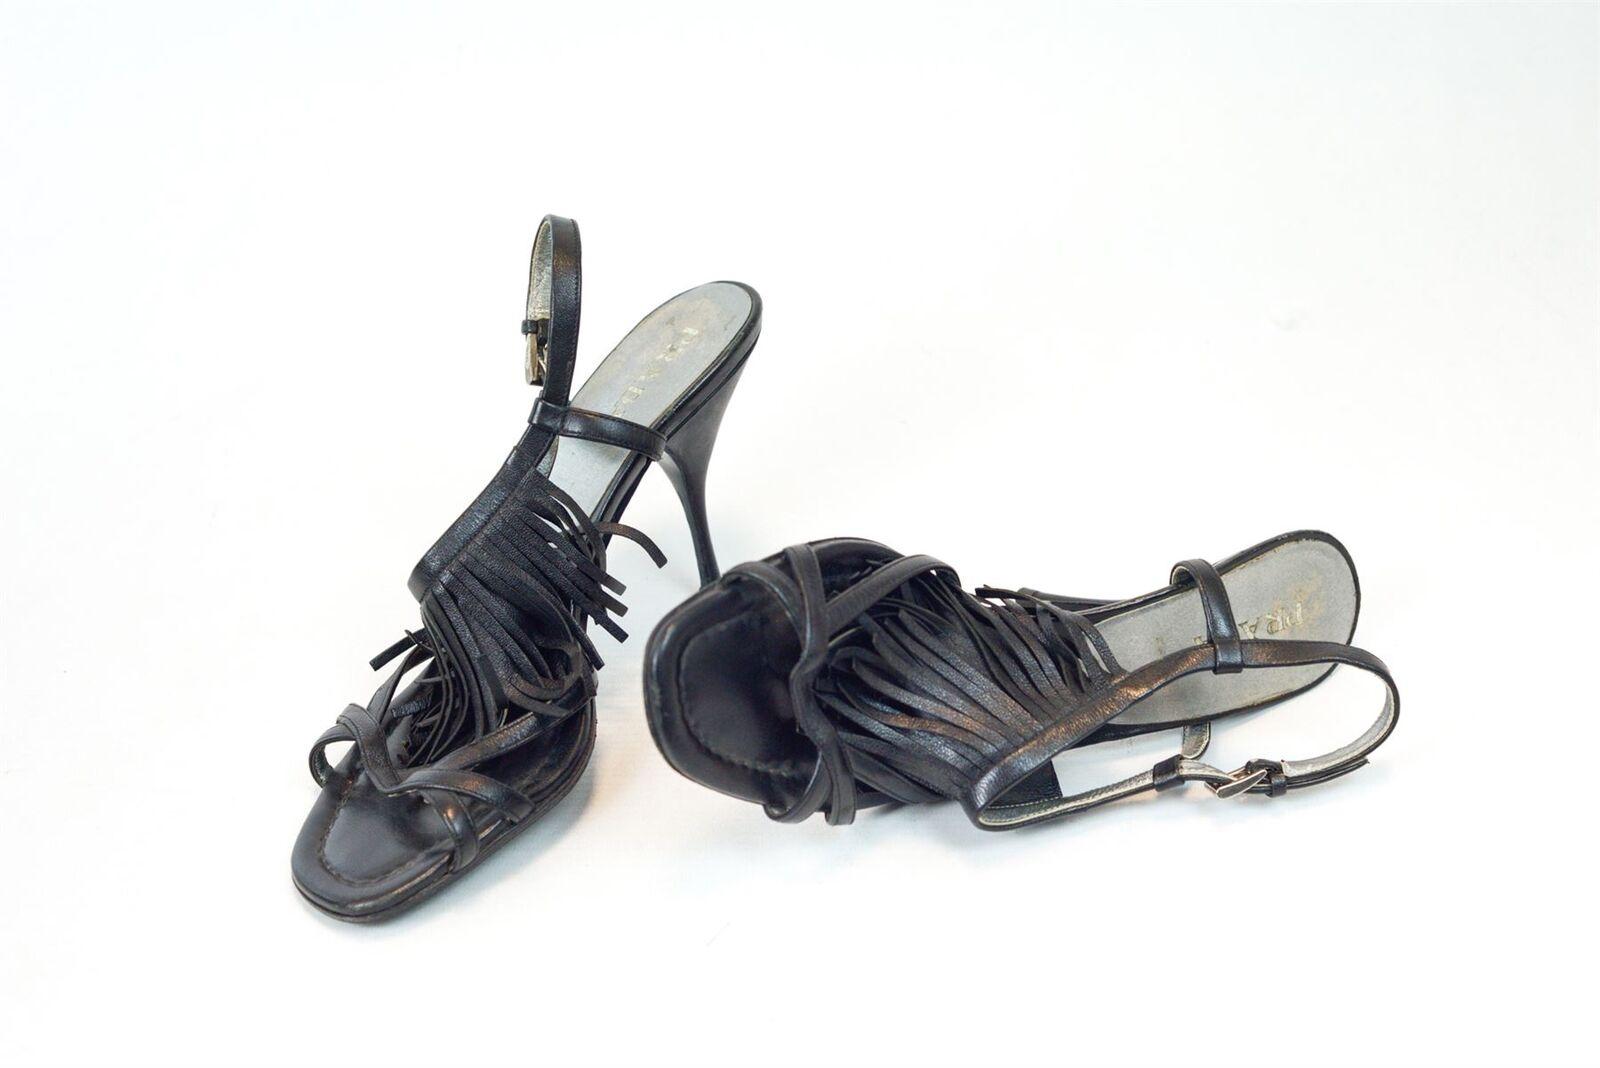 Prada Noir Bride Cheville Talons Sandales Escarpins, UK 5 US 8 EU 38